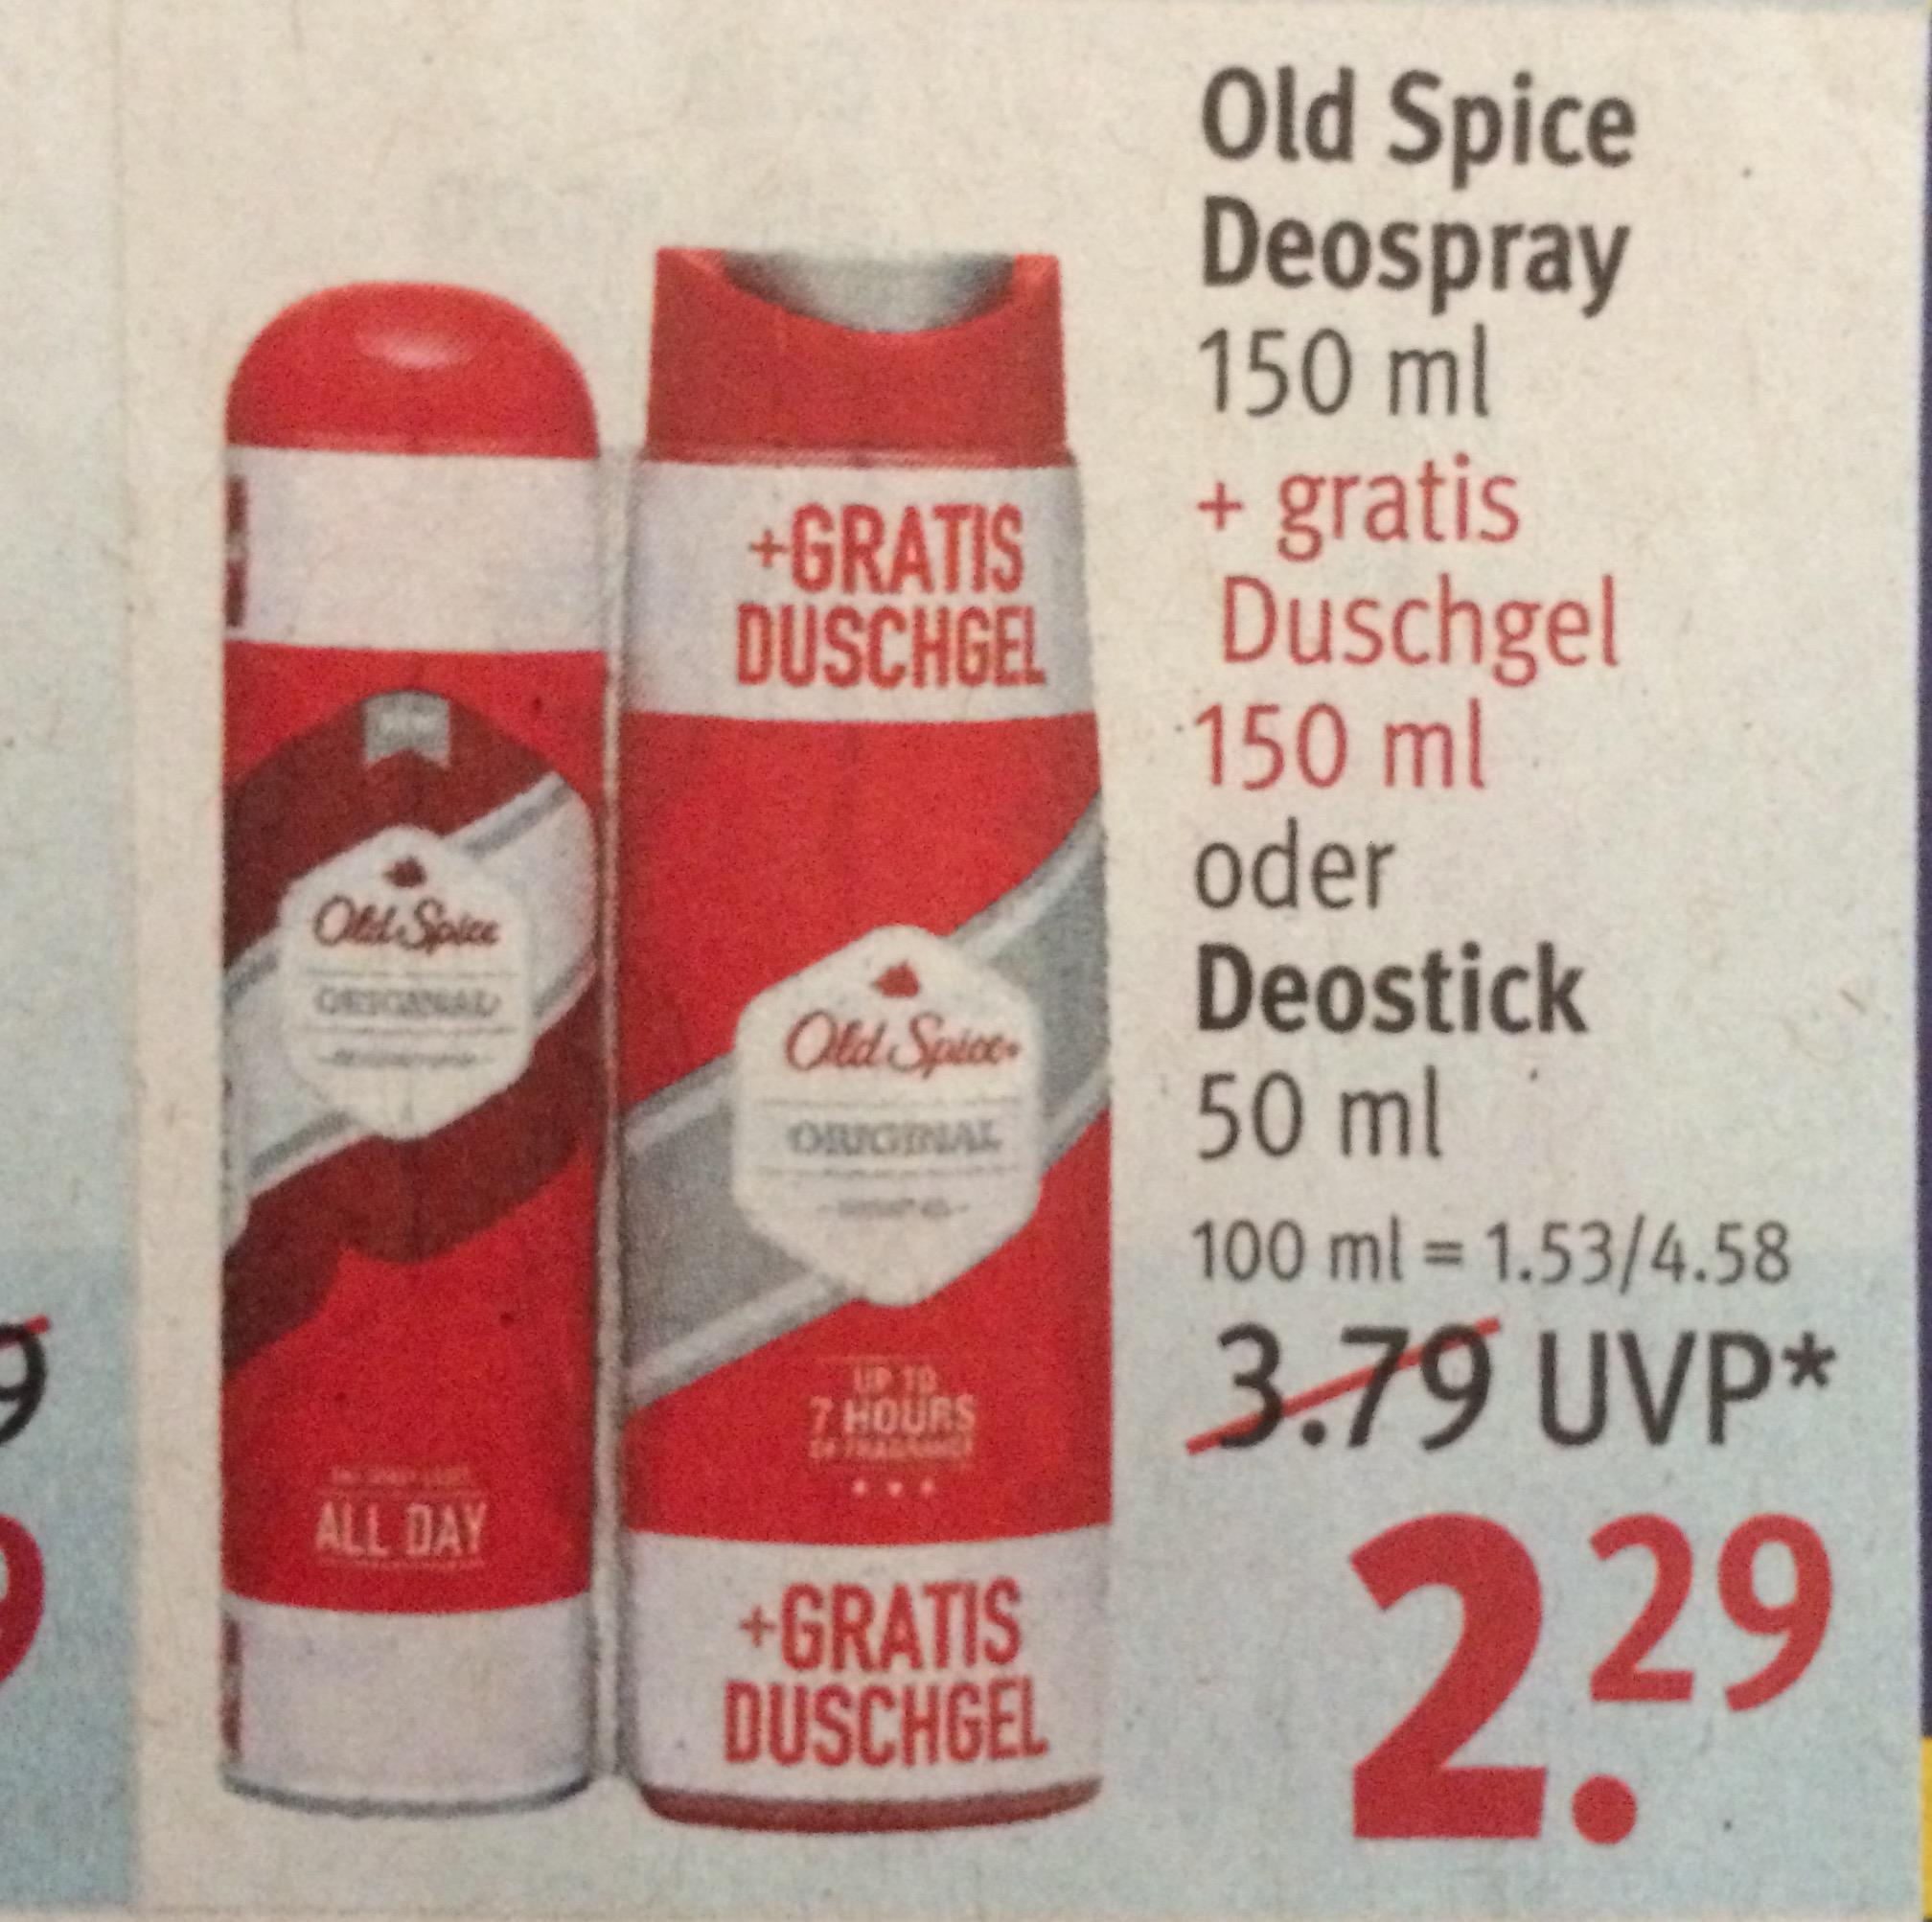 [Rossmann] Old Spice Set: Deospray + Duschgel zusammen nur 2,29€/2,06€ (mit 10% Gutschein)